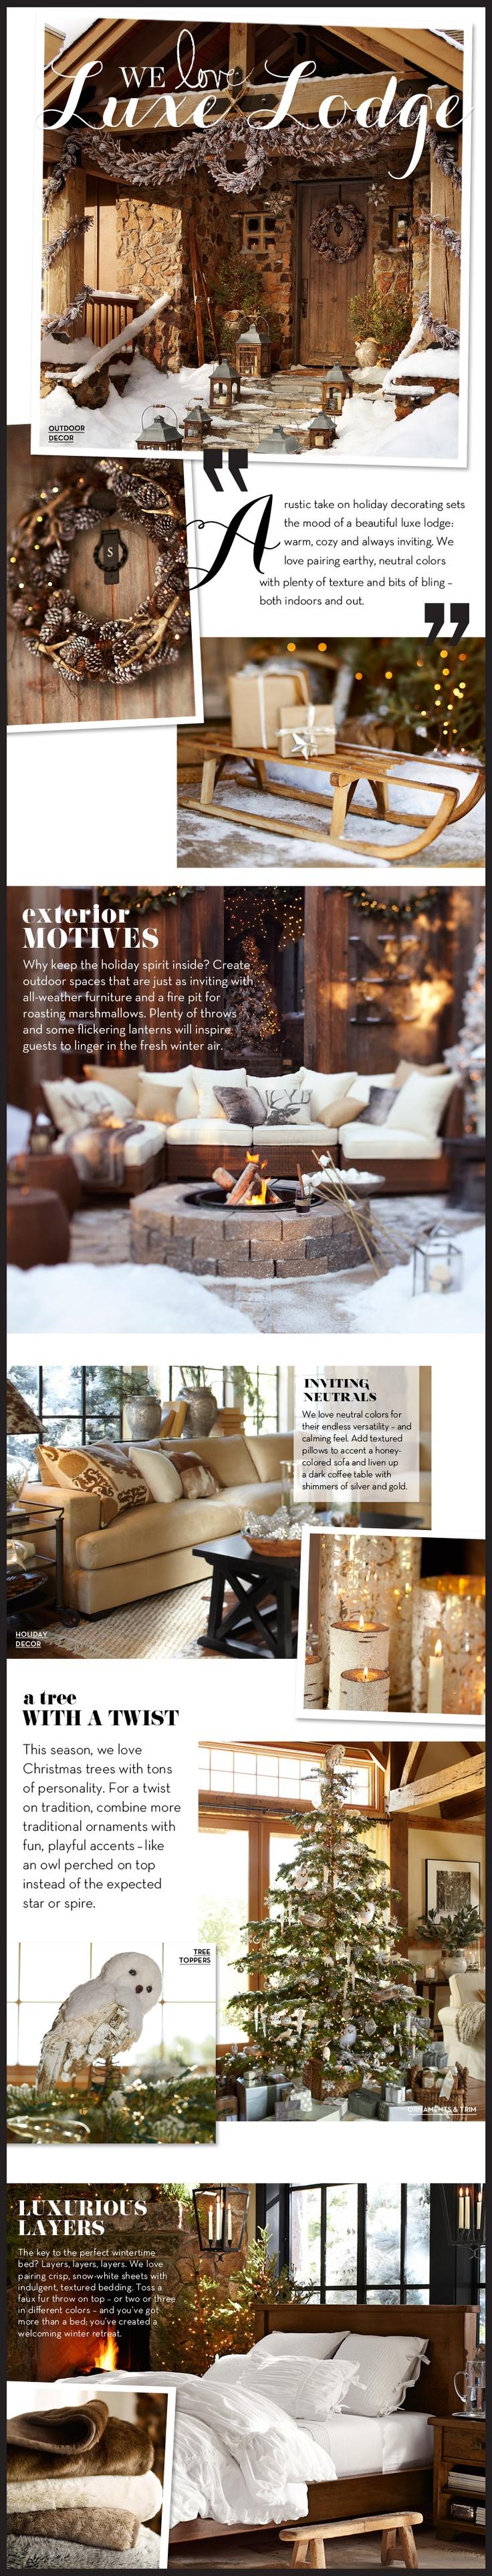 Christmas outdoor decor Pottery Barn design ideas